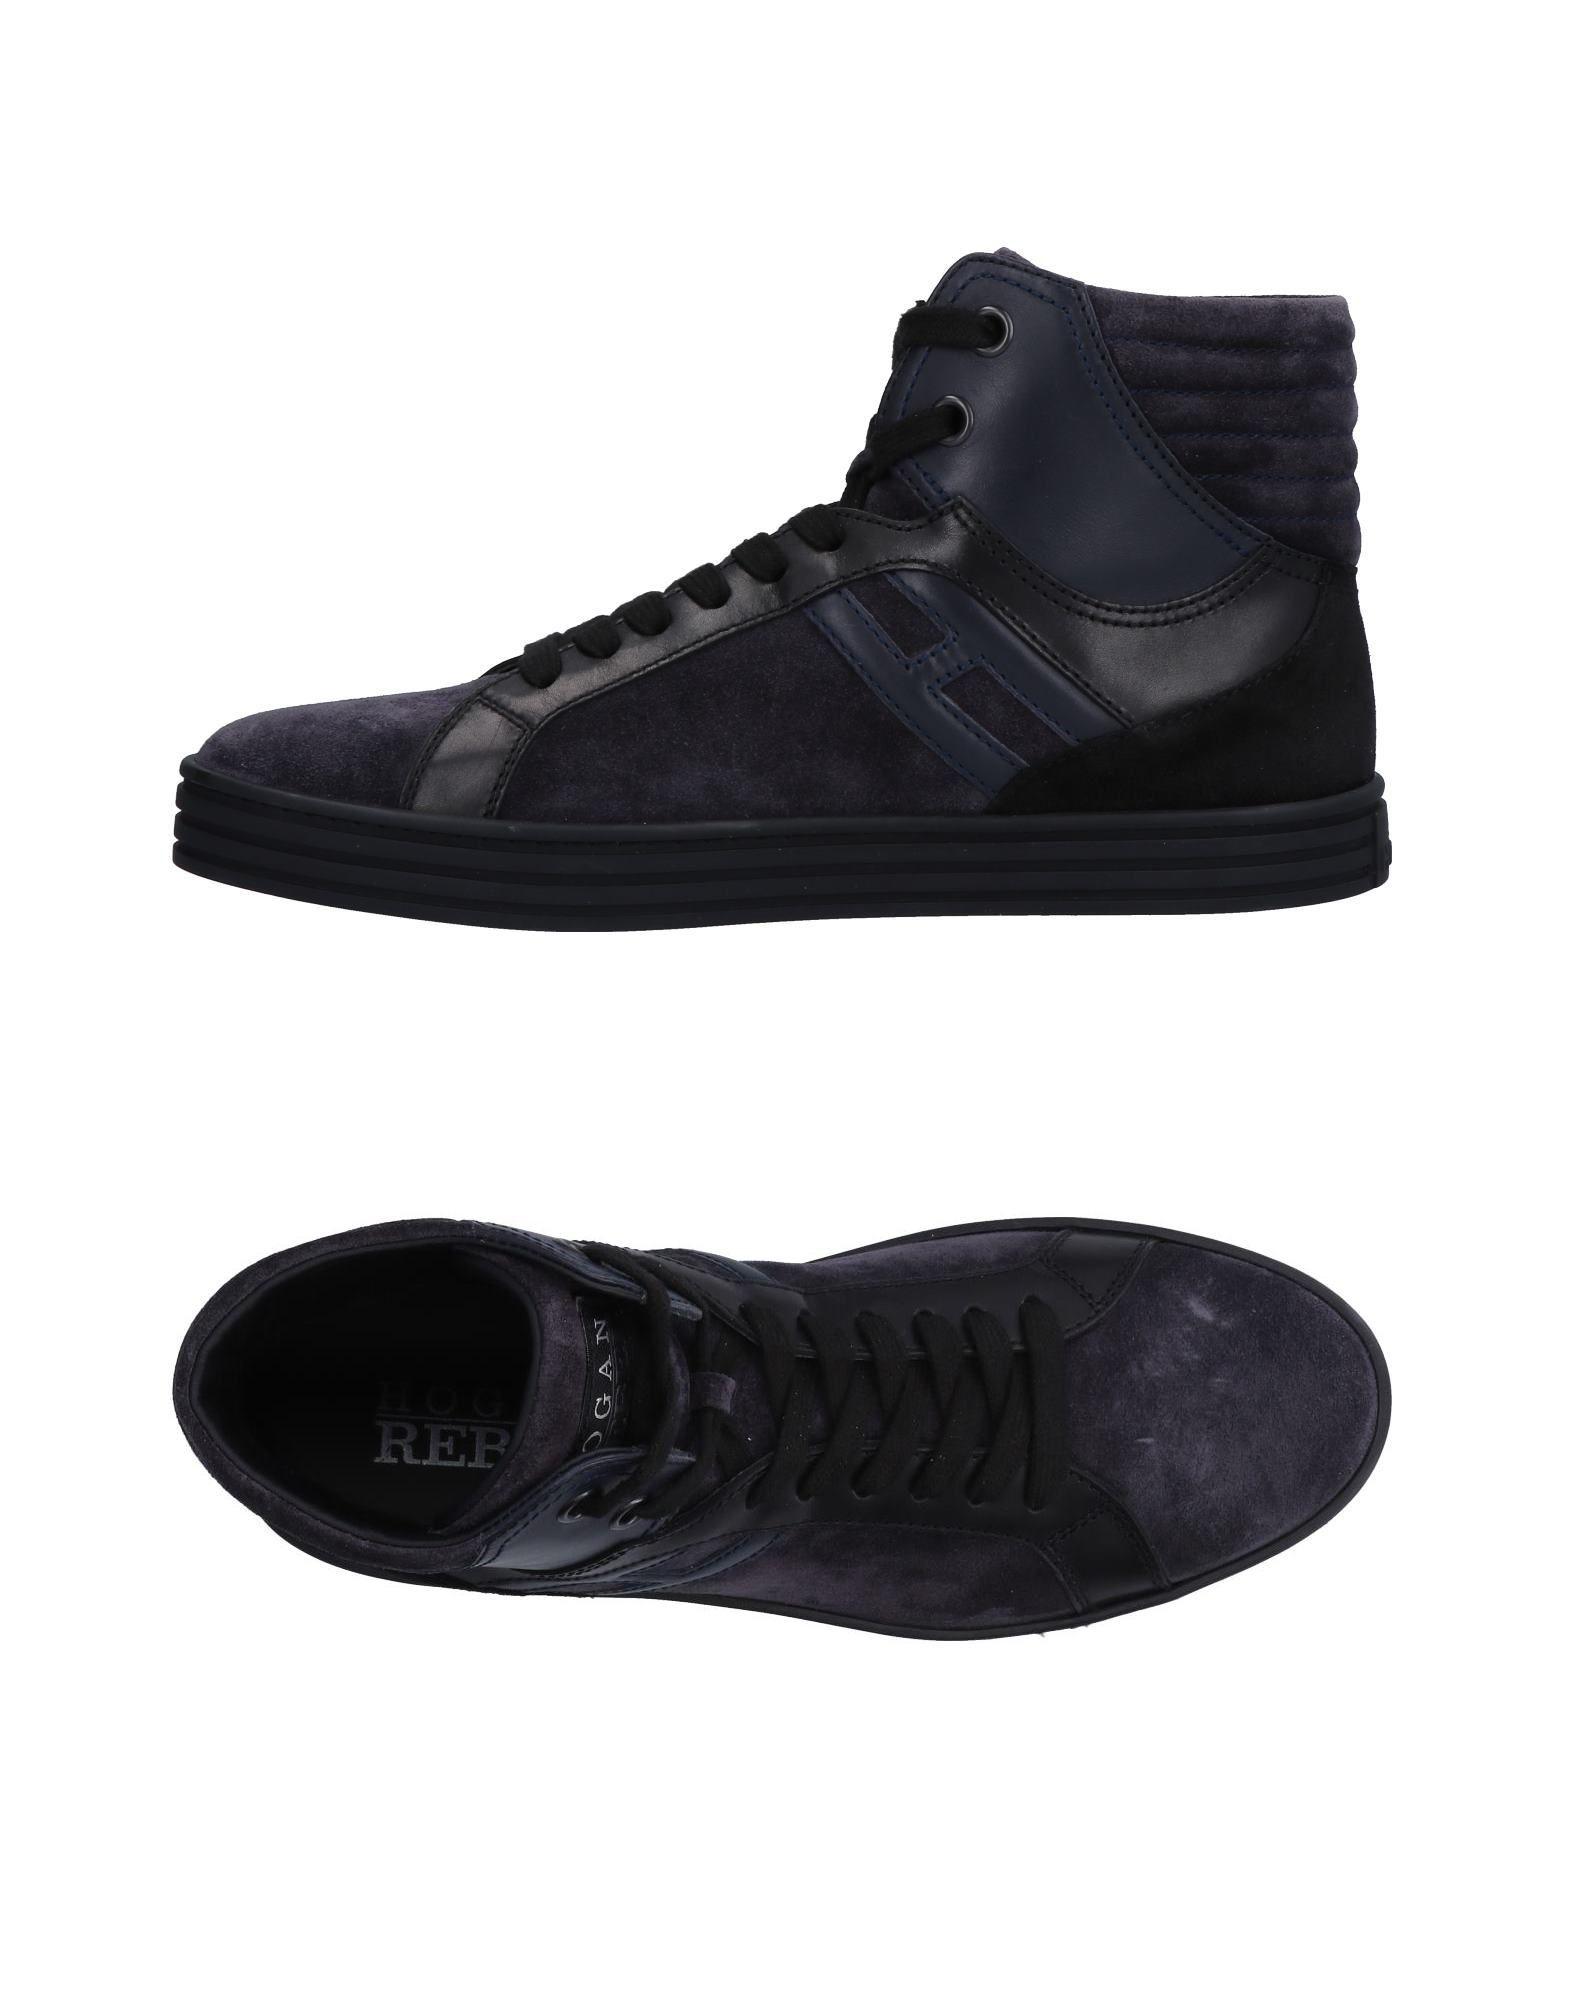 Hogan 11517031FI Rebel Sneakers Herren  11517031FI Hogan Gute Qualität beliebte Schuhe 75b64d